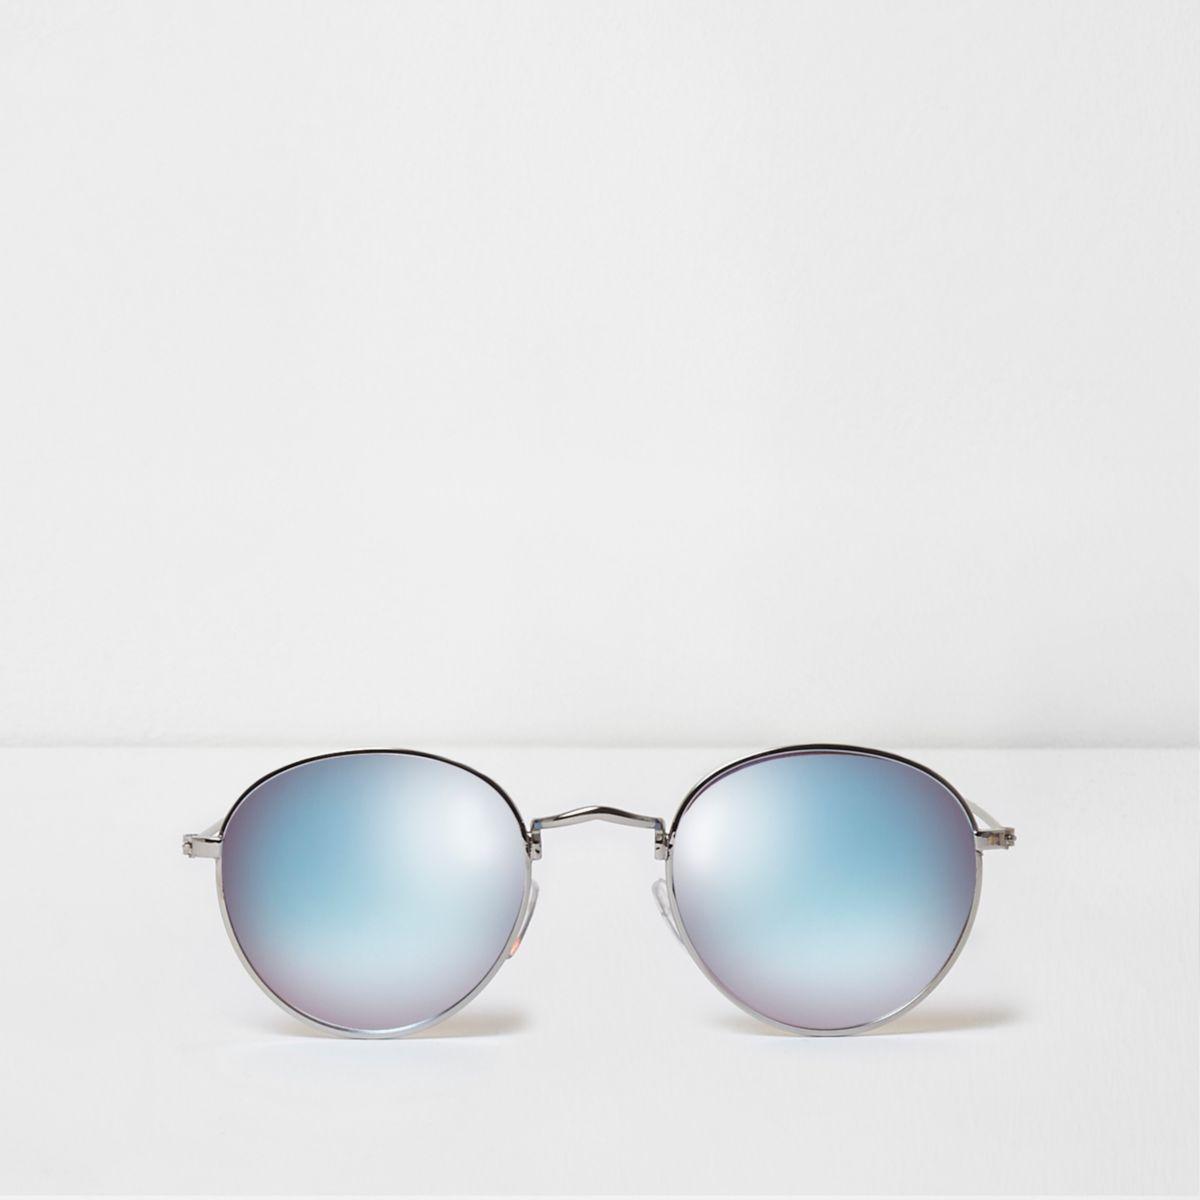 Lunettes de soleil argentées à verres bleus effet miroir